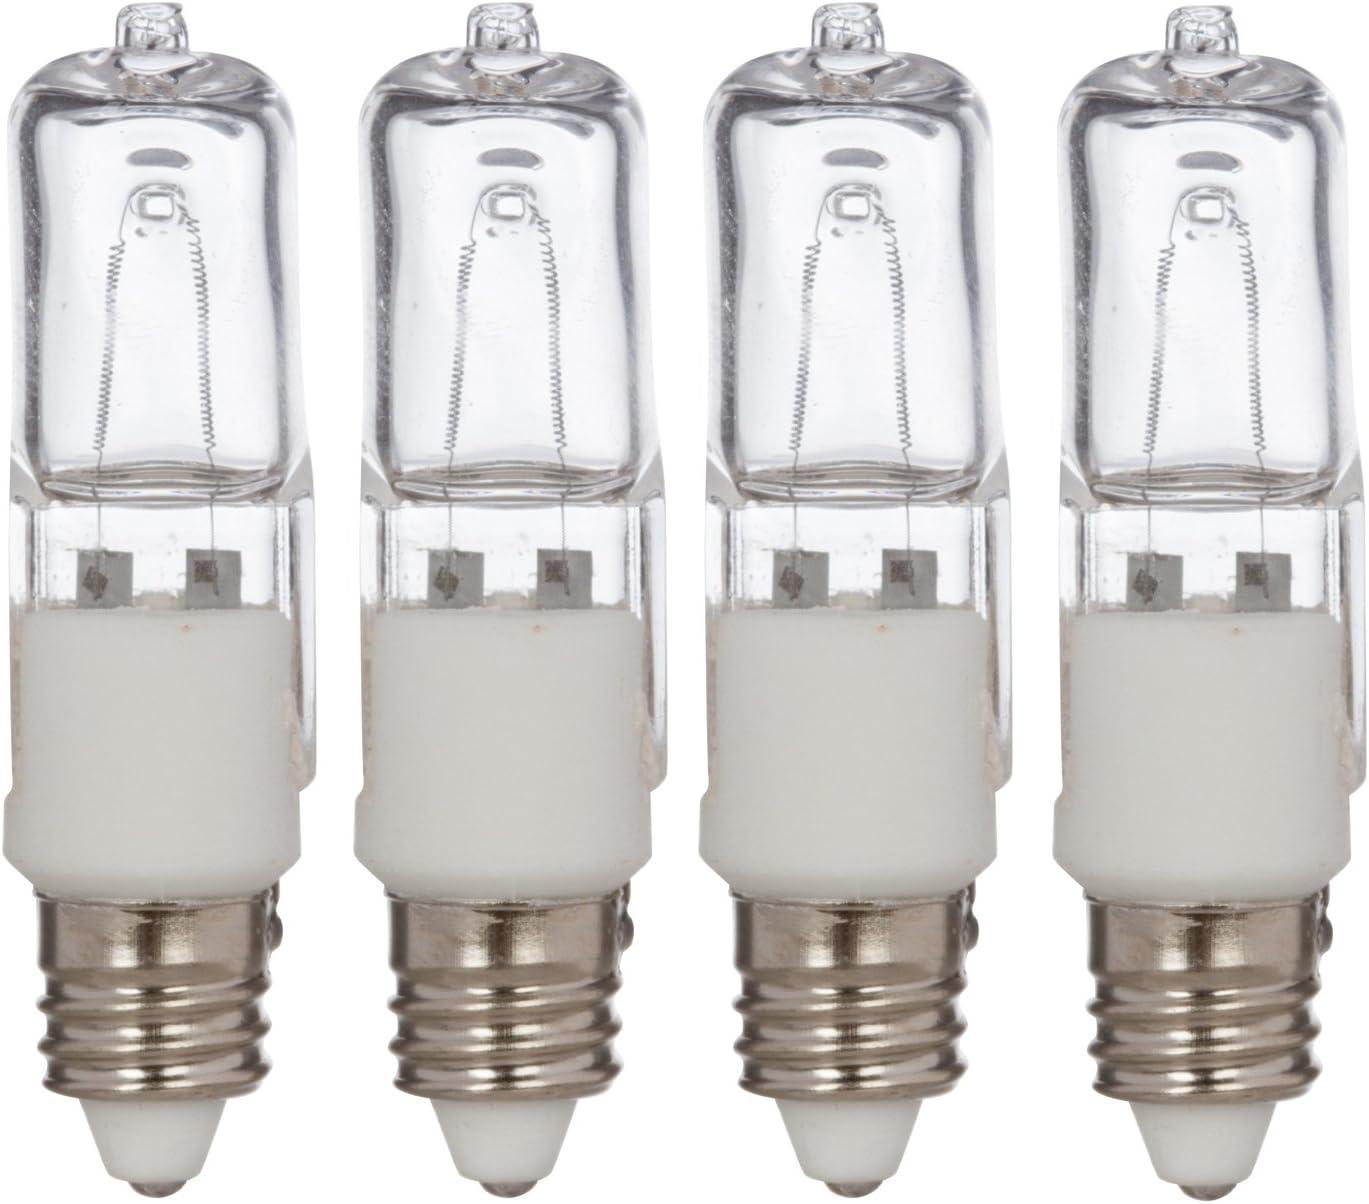 Simba Lighting Halogen E11 T4 100 Watt 1100lm 120 Volt Light Bulb (4 Pack) for Chandeliers, Pendants, Table Lamps, Cabinet Lighting, Mini-Candelabra Base, 100W JD 110V 120V Warm White 2700K Dimmable